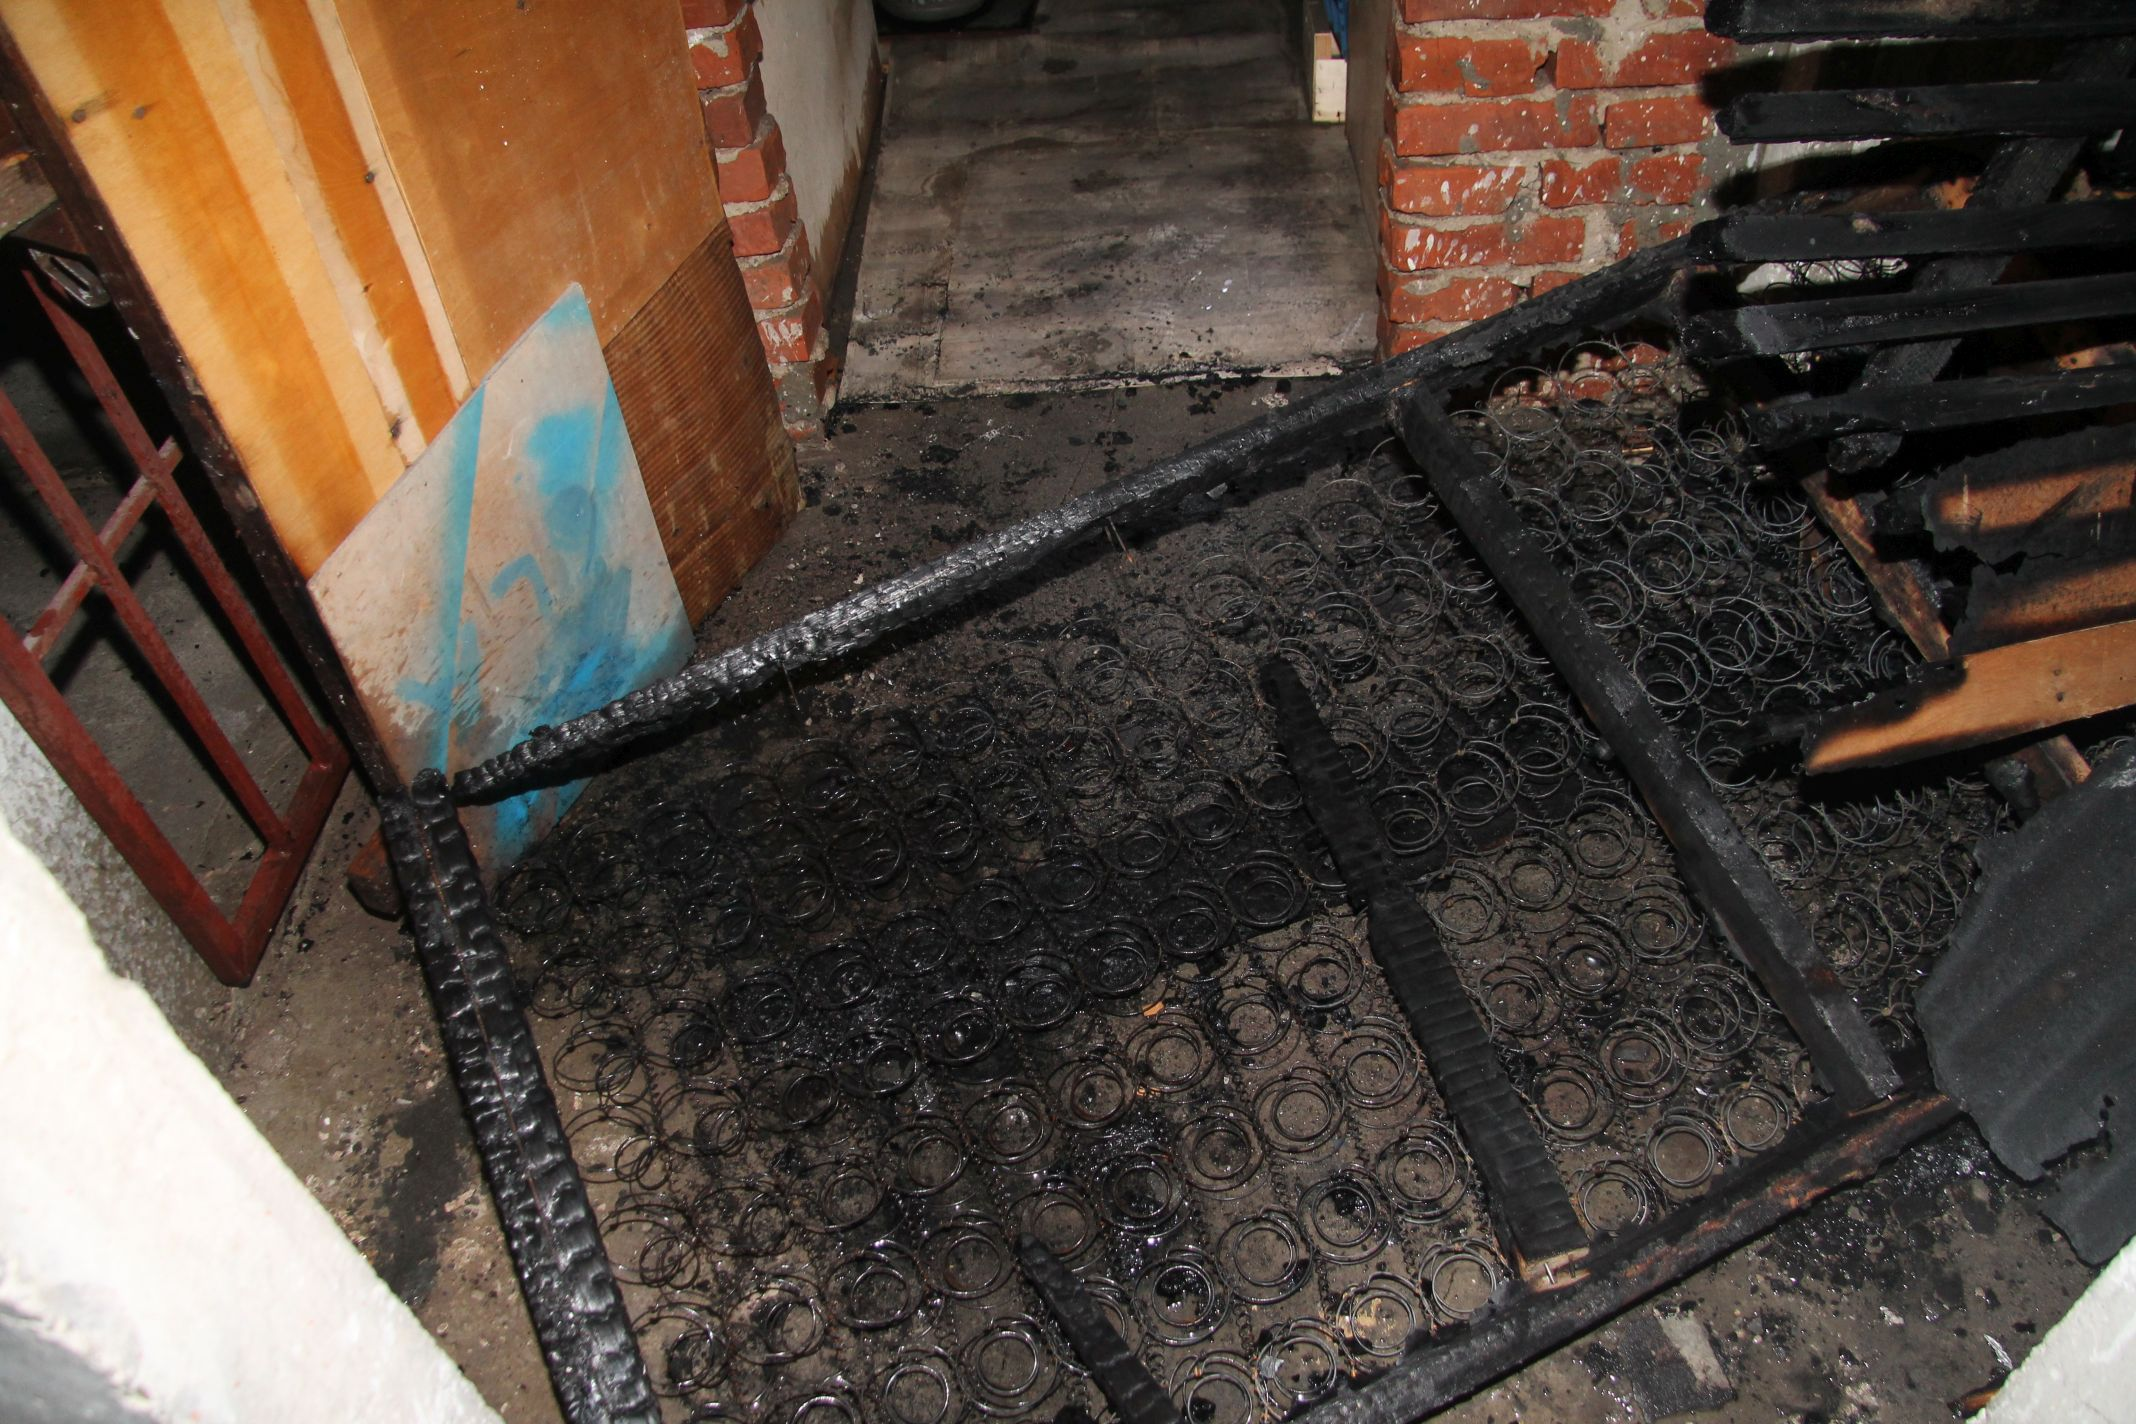 To było podpalenie. Mieszkańcom groziło niebezpieczeństwo. Policja szuka podpalacza